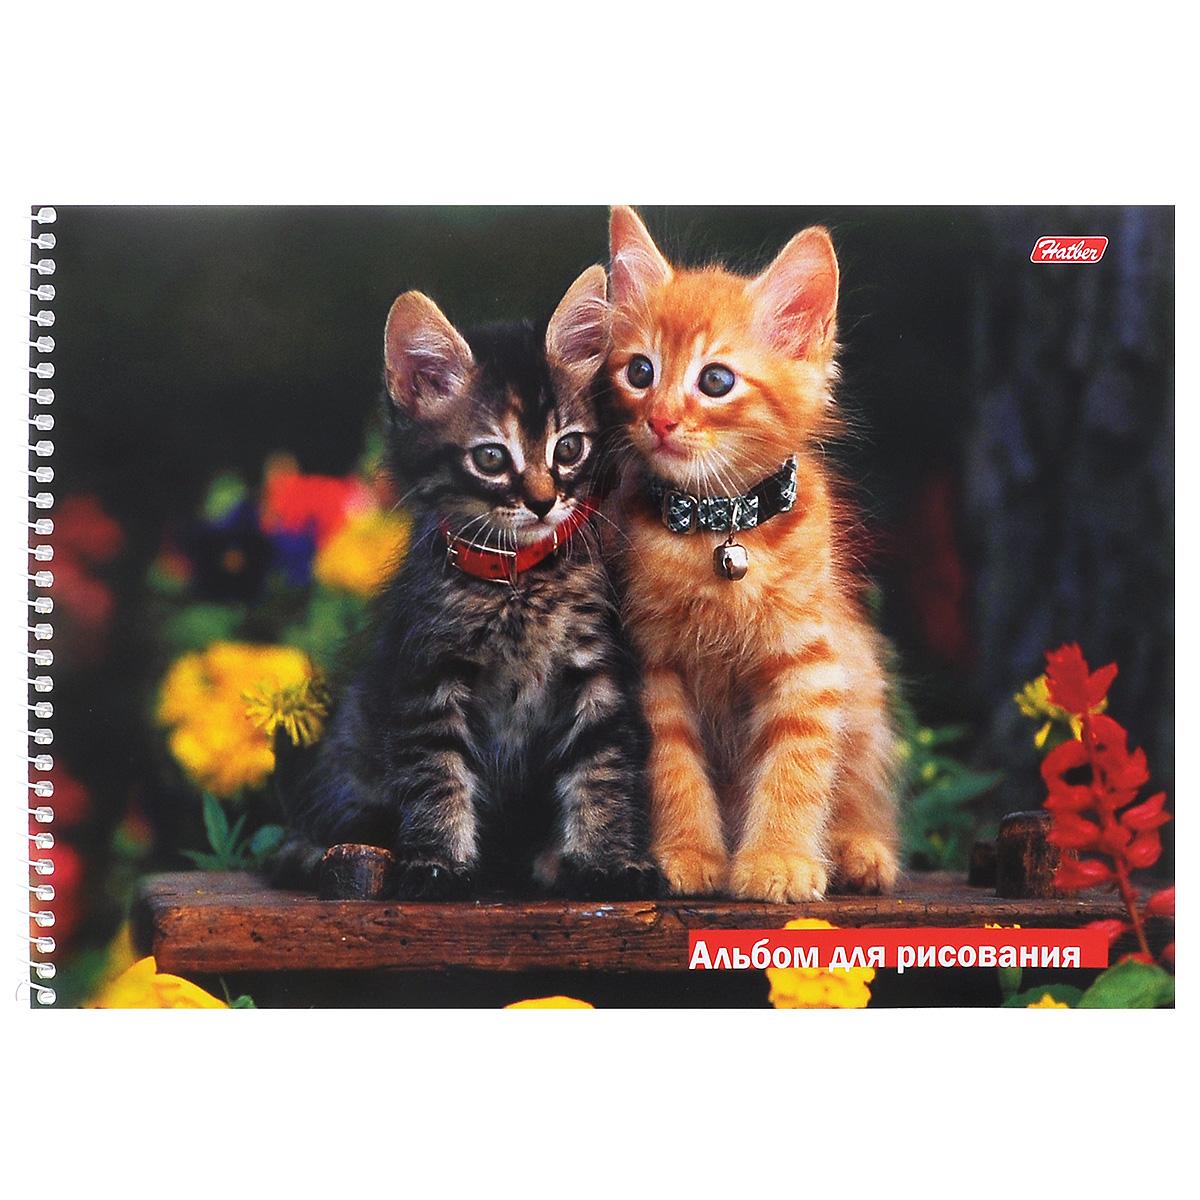 Hatber Альбом для рисования Зверье мое: Котята, 32 листа. 32А4Bсп_084232010440Альбом для рисования на боковой спирали Hatber Зверье мое: Котята непременно порадует маленького художника и вдохновит его на творчество.Альбом изготовлен из белоснежной офсетной бумаги с яркой обложкой из мелованного картона, оформленной изображением двух очаровательных котят. Внутренний блок альбома состоит из 32 листов бумаги, которые снабжены микроперфорацией и являются отрывными.Высокое качество бумаги позволяет рисовать в альбоме карандашами, фломастерами, акварельными и гуашевыми красками.Рекомендуемый возраст: 0+.